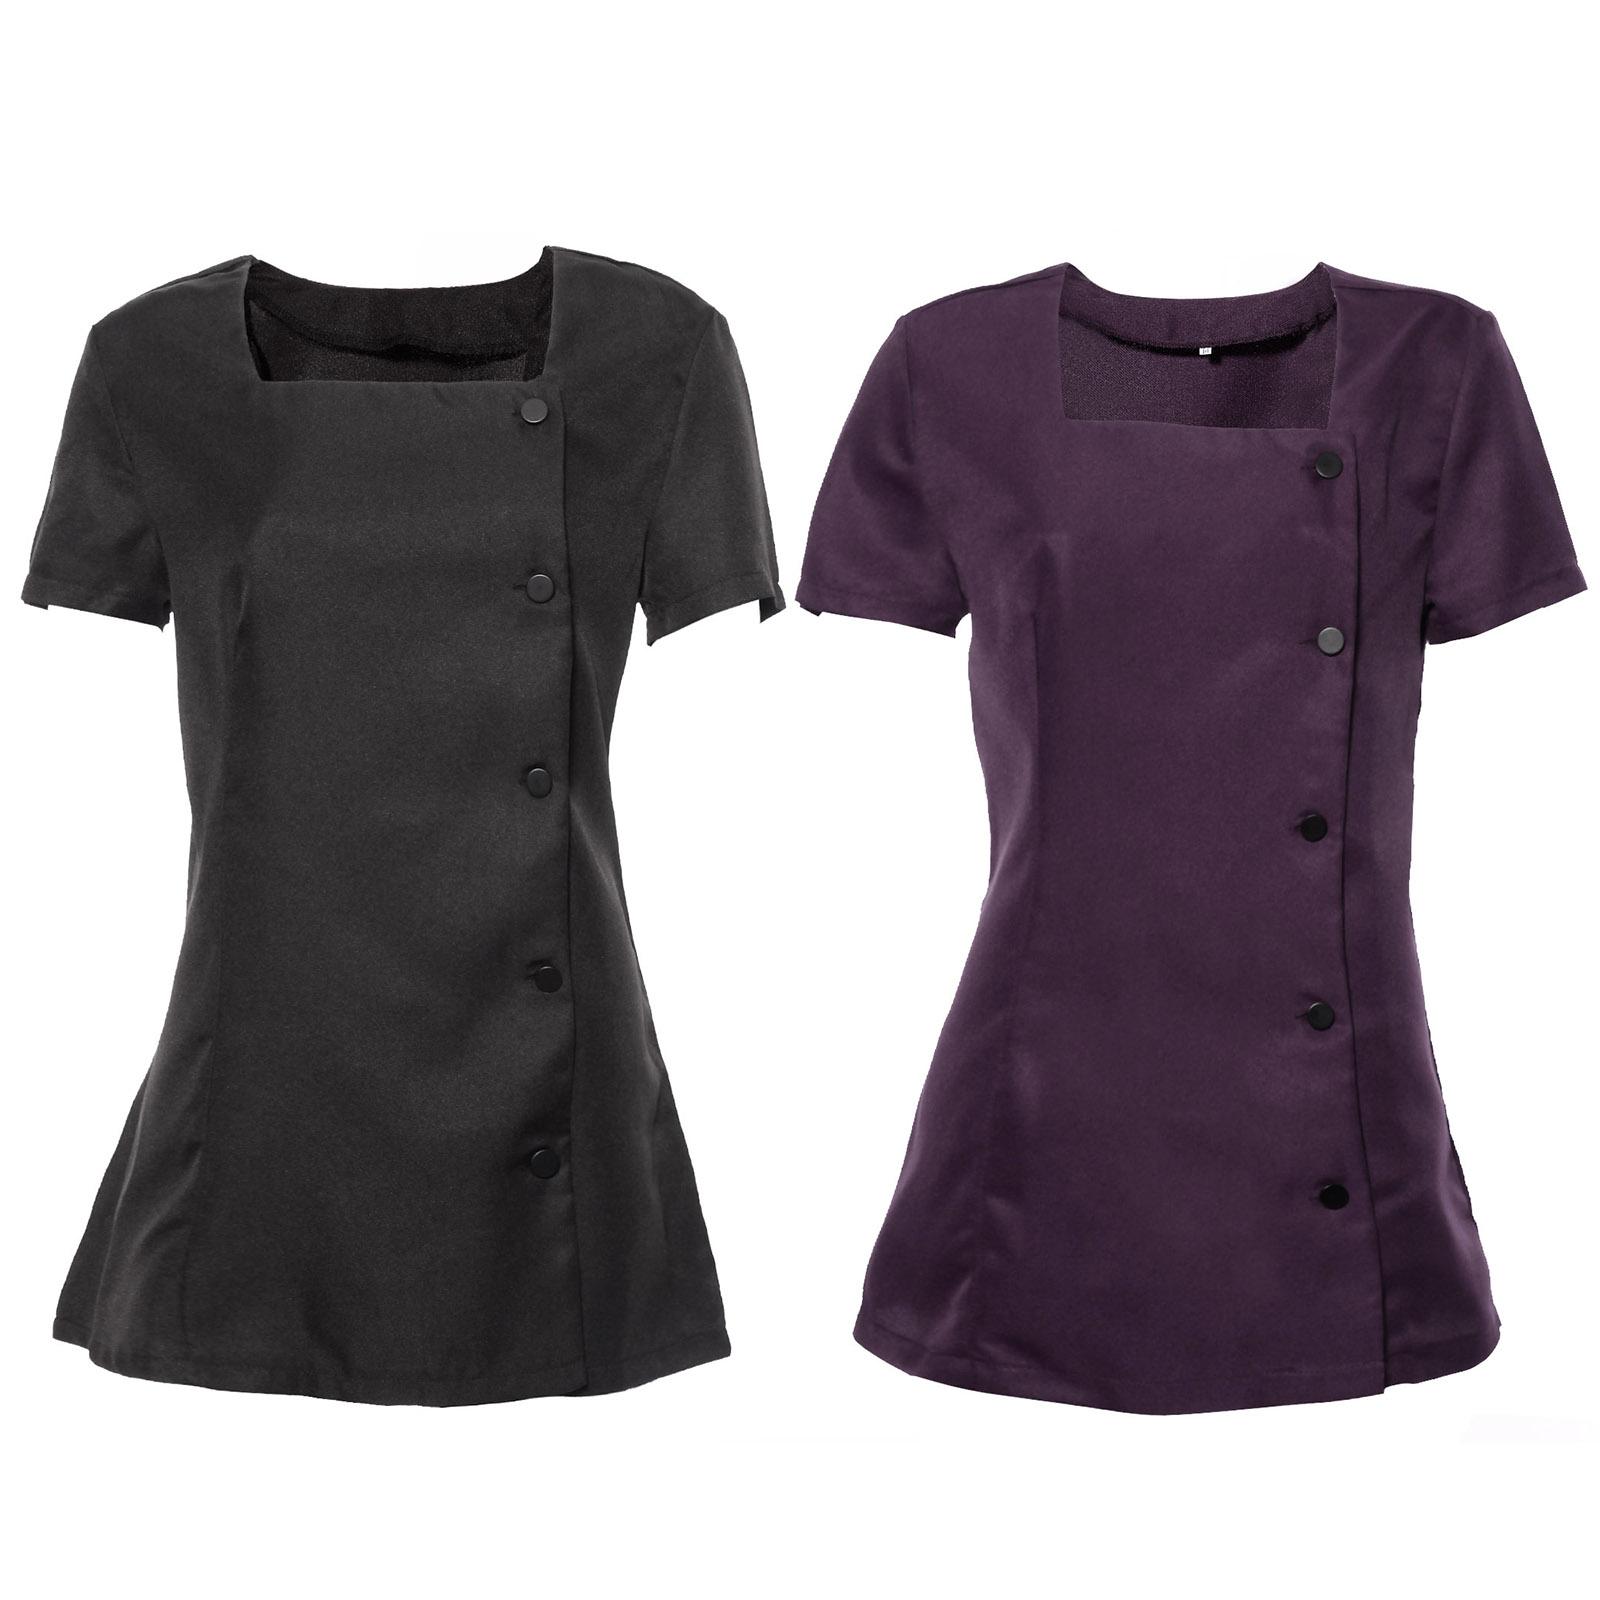 damen profi pflege schlupfkasack berufsbekleidung kittel sonderverkauf 2 farben ebay. Black Bedroom Furniture Sets. Home Design Ideas